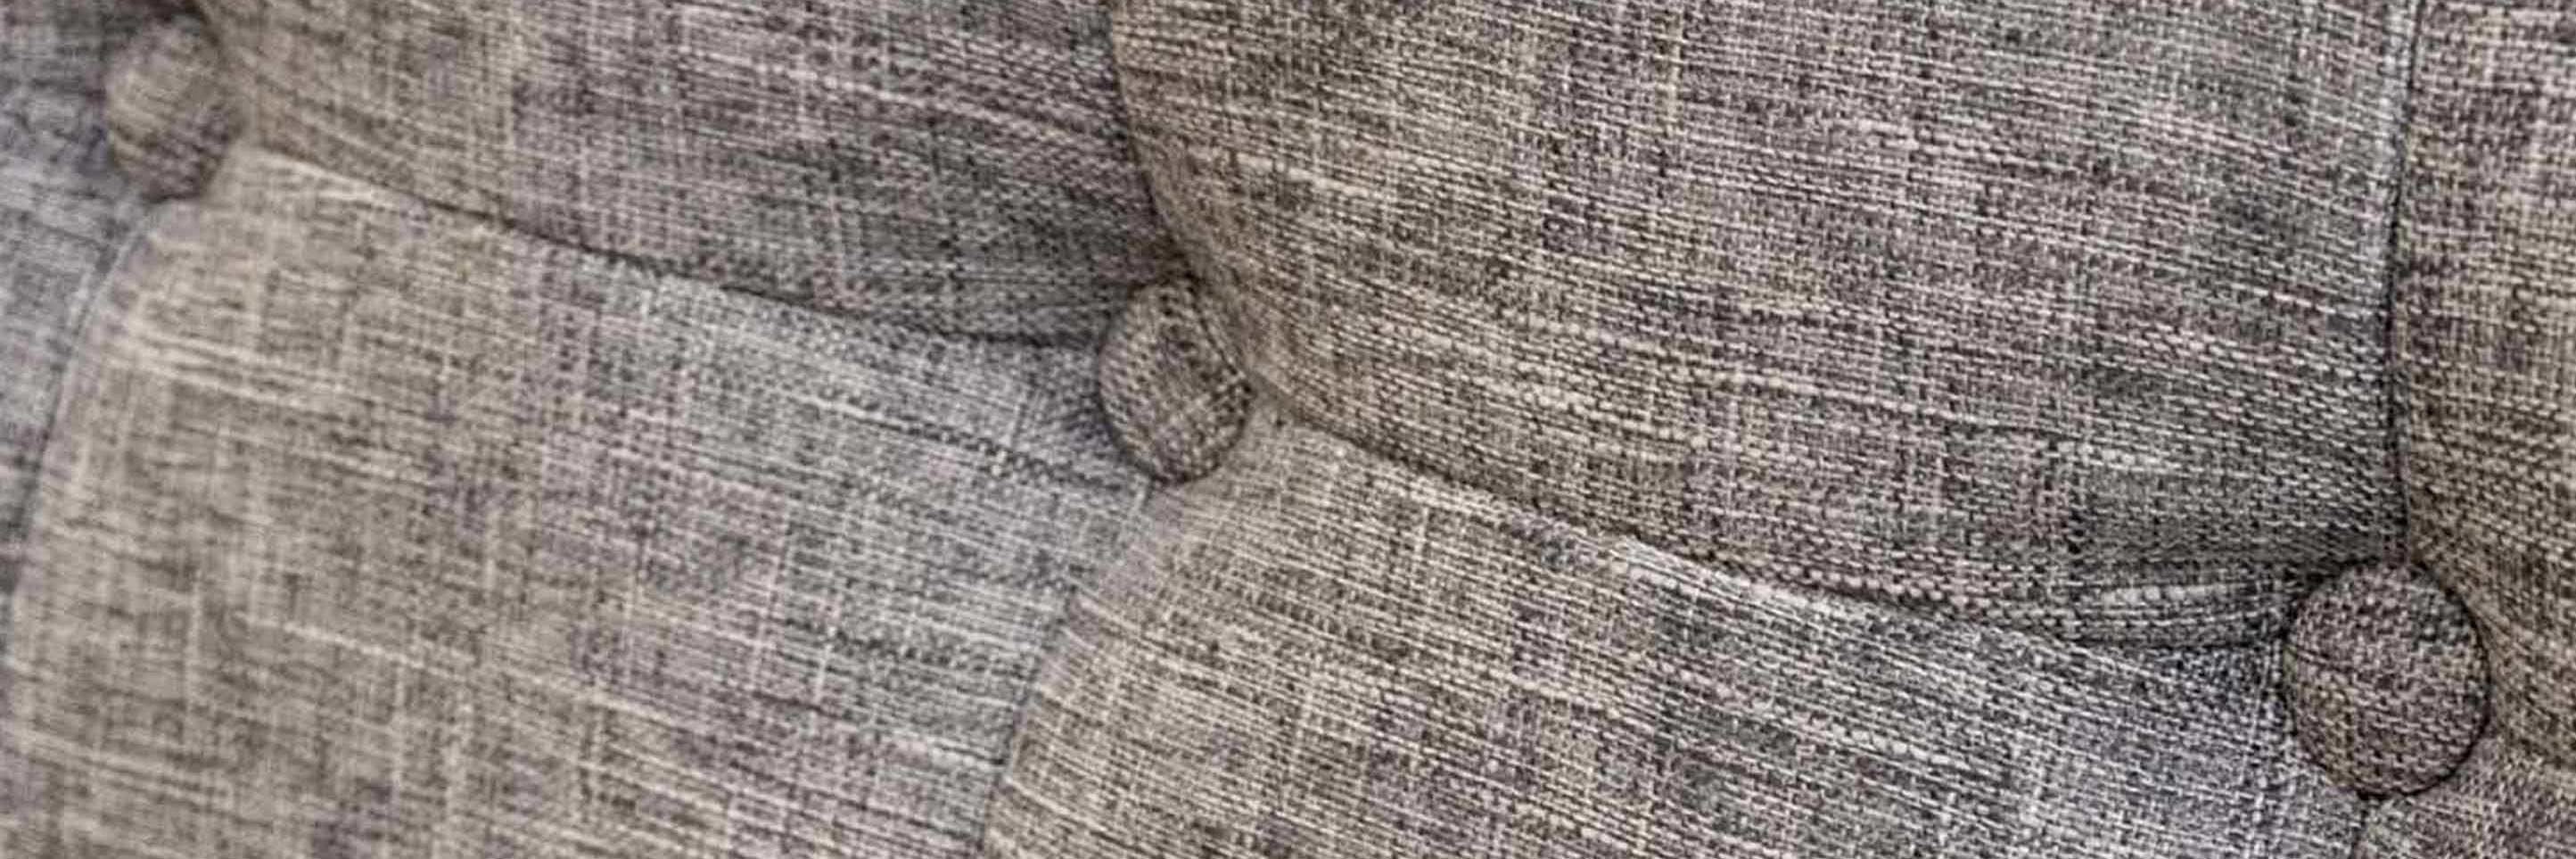 Stuart Mid Century Modern Chair